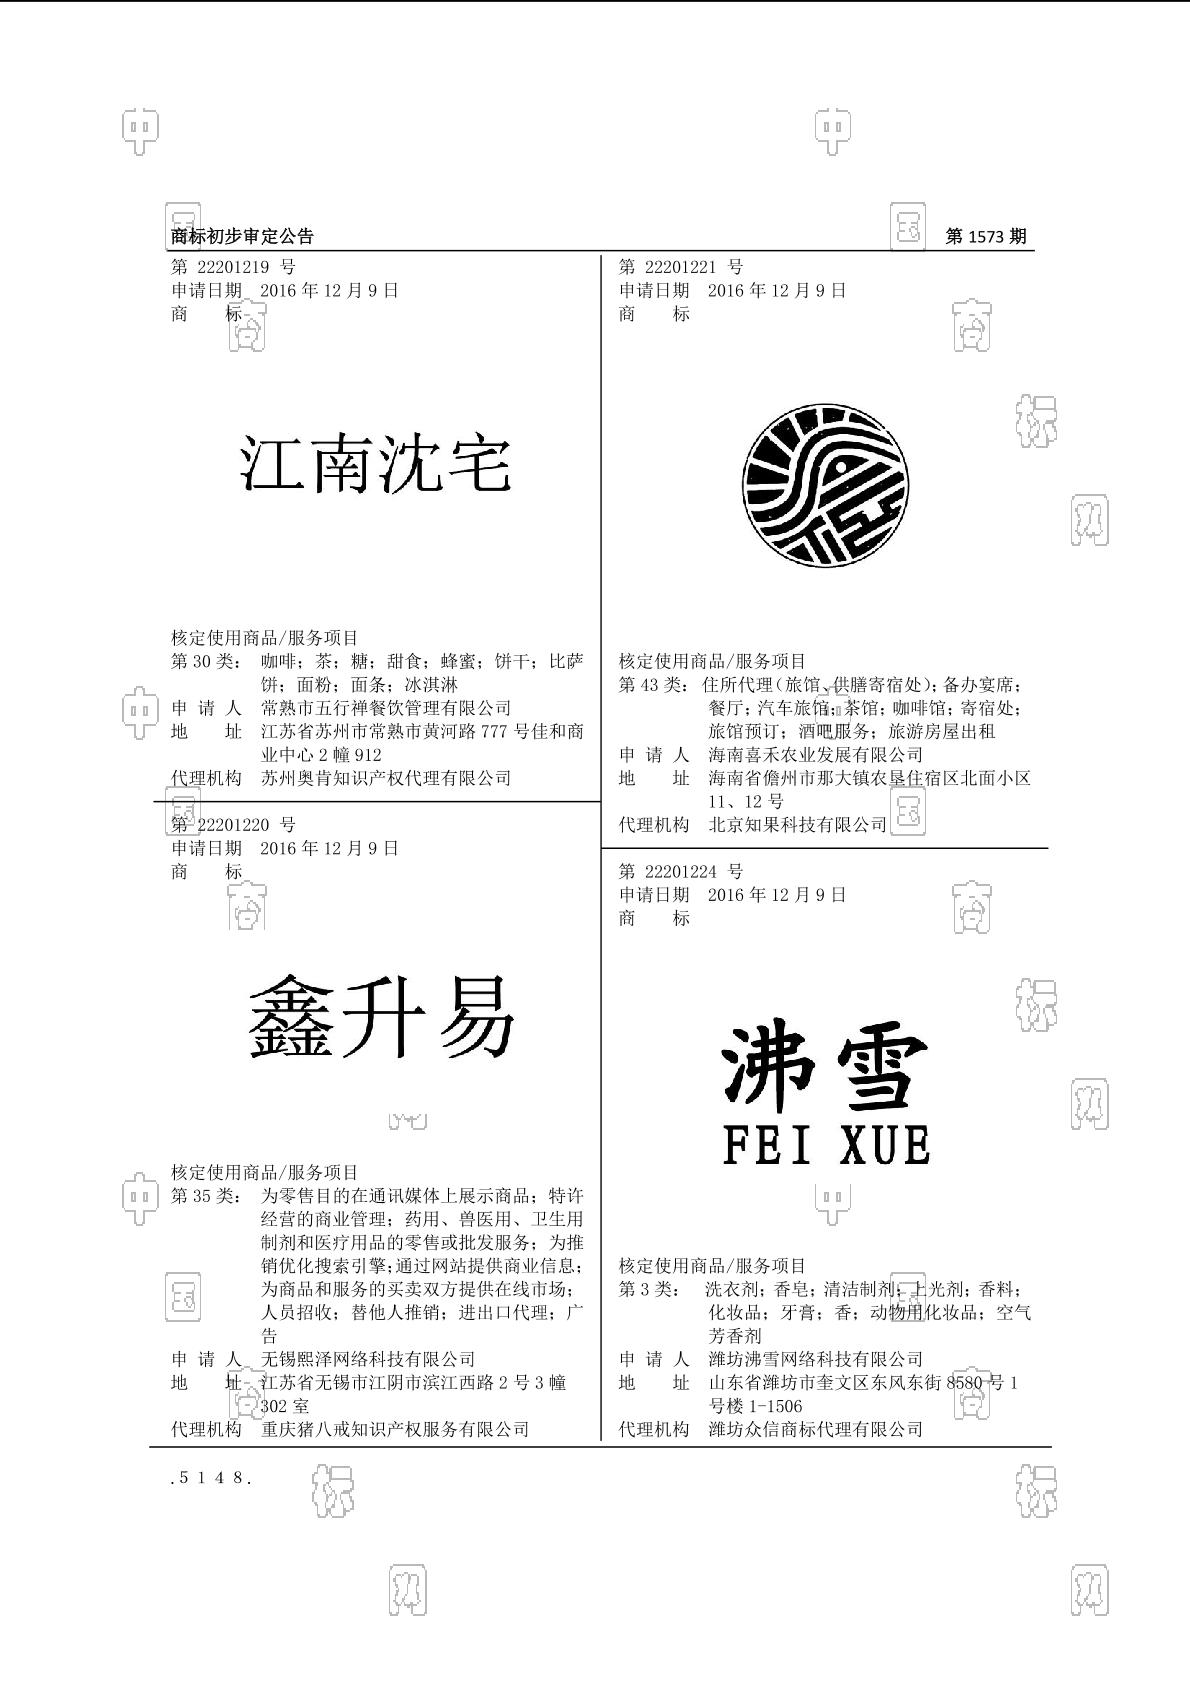 【社标网】沸雪商标状态注册号信息 北京沸雪户动文化传播有限公司商标信息-商标查询